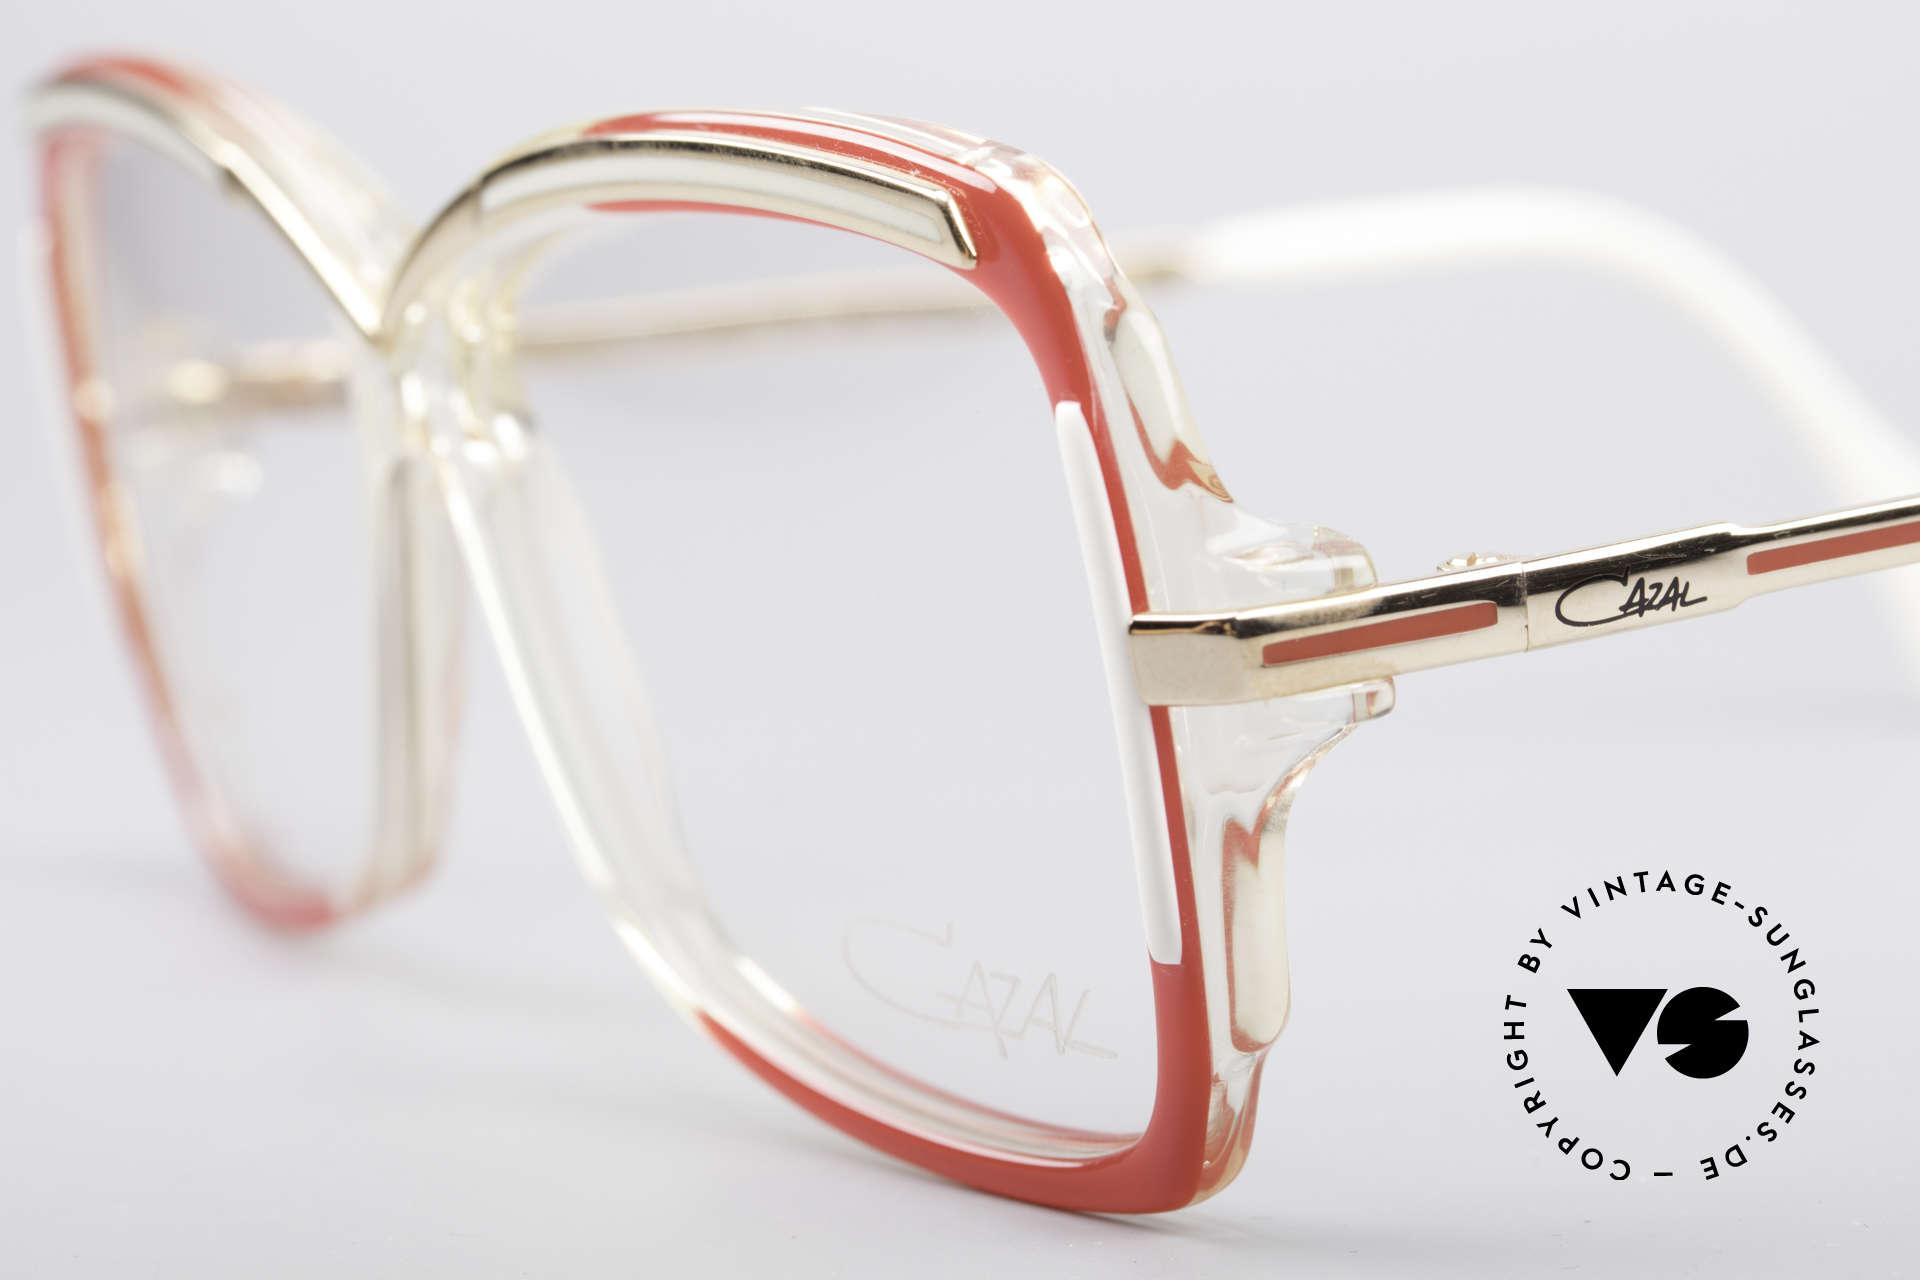 Cazal 177 80's Designer Glasses, new old stock (like all our rare vintage eyeglasses), Made for Women